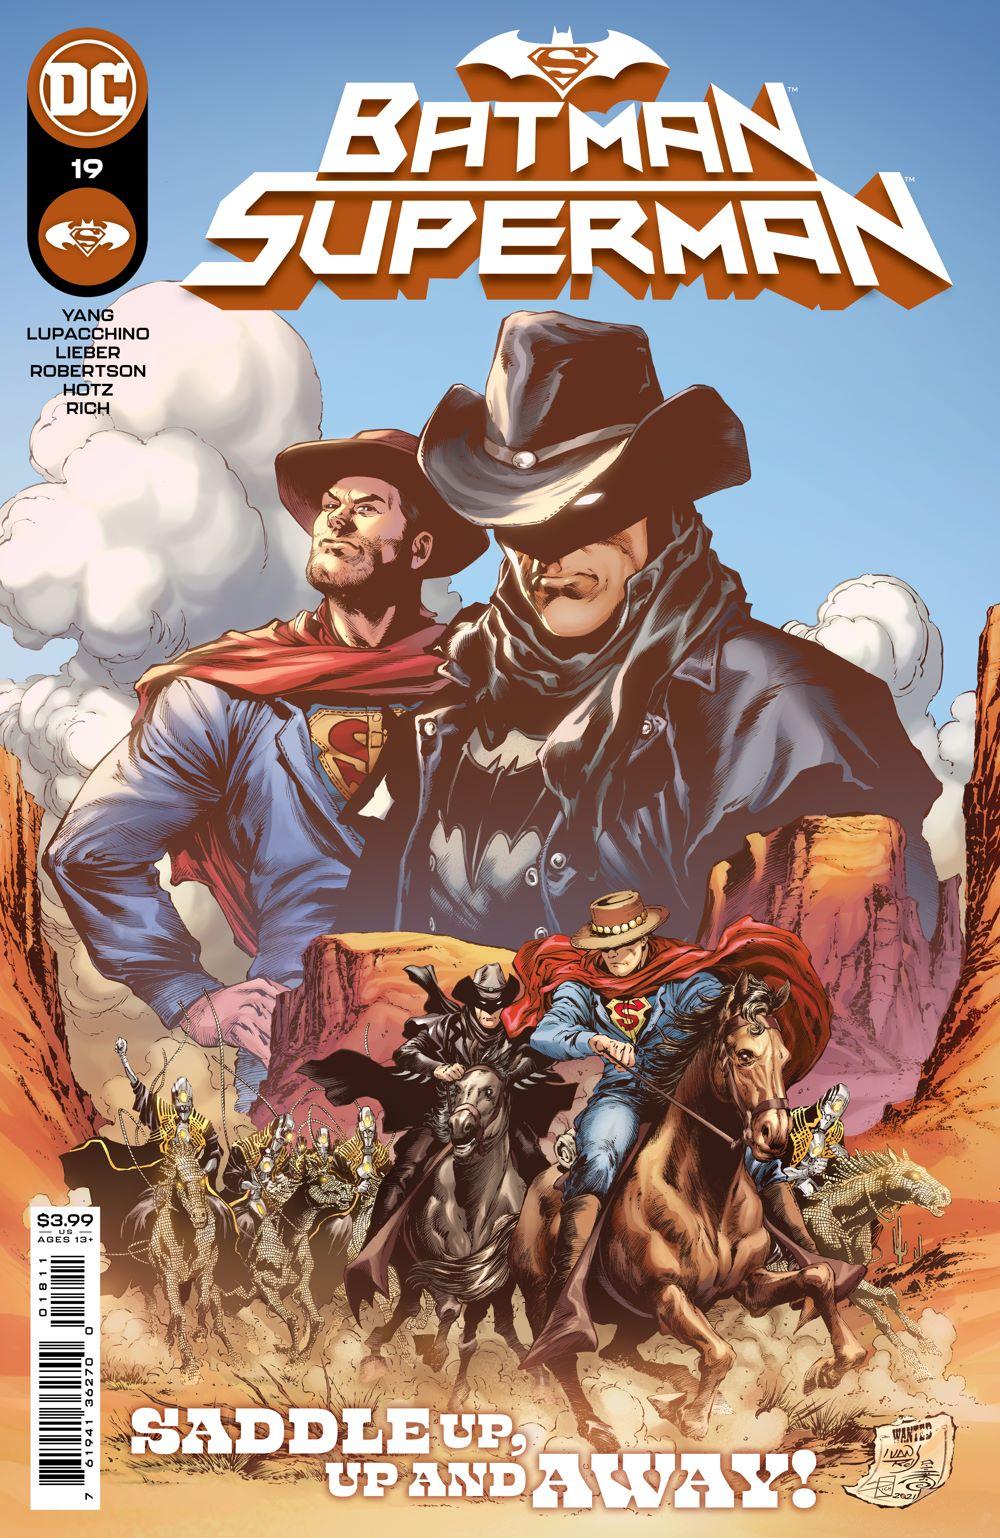 BMSM_Cv19 DC Comics June 2021 Solicitations